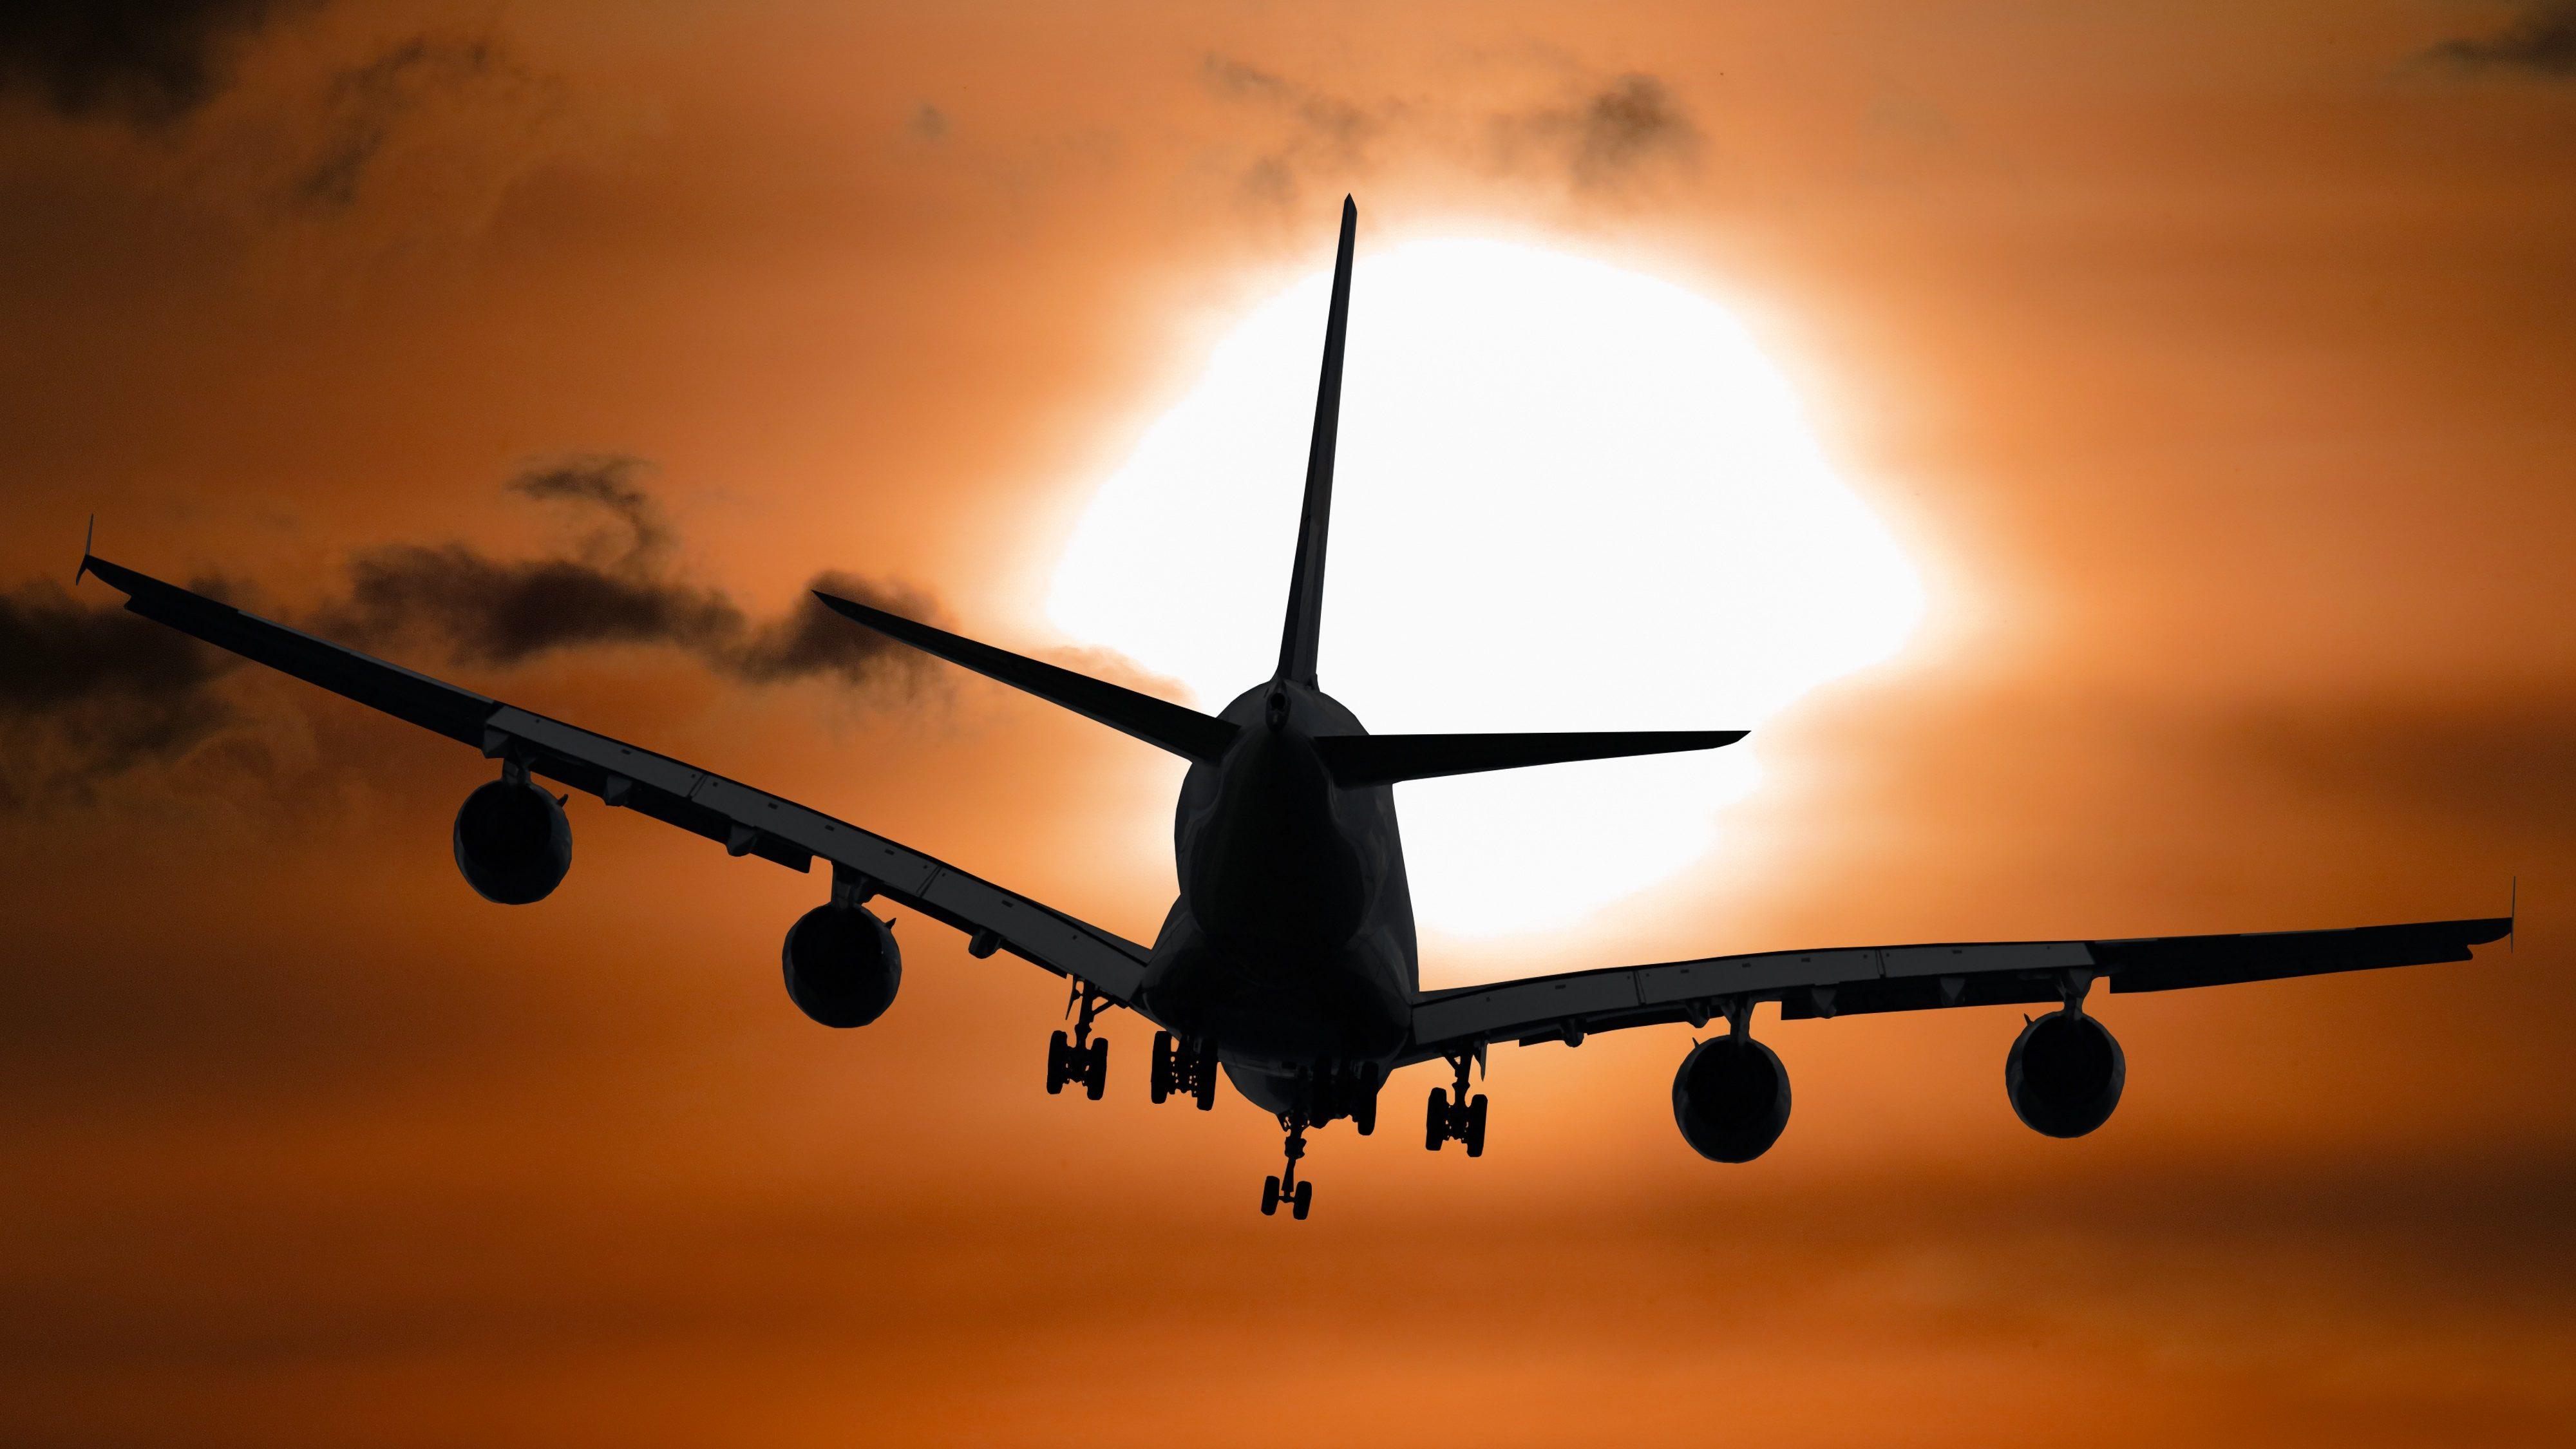 """הרפורמה בביטוח נסיעות: בזמן שענף הביטוח ממתין לדיון בבג""""ץ – הוגשה הצעת חוק מטעם סוכני הנסיעות"""